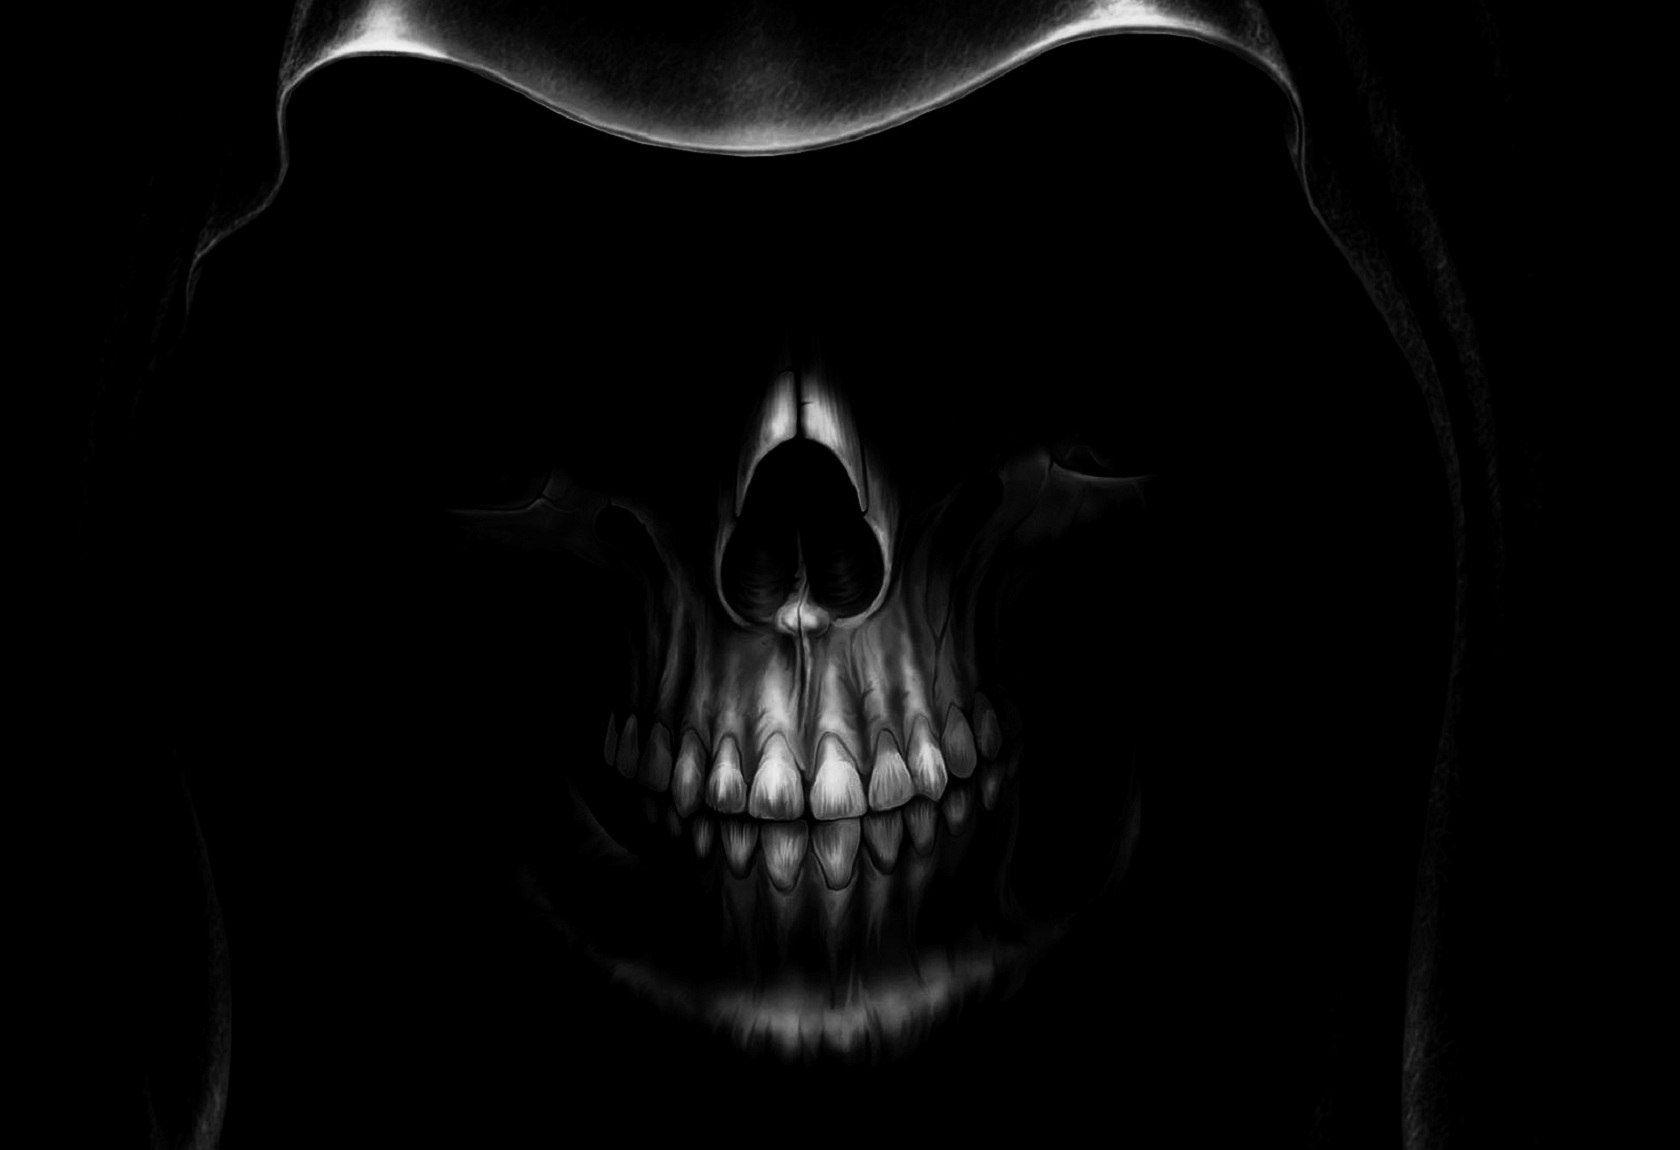 Skeleton Wallpaper - WallpaperSafari